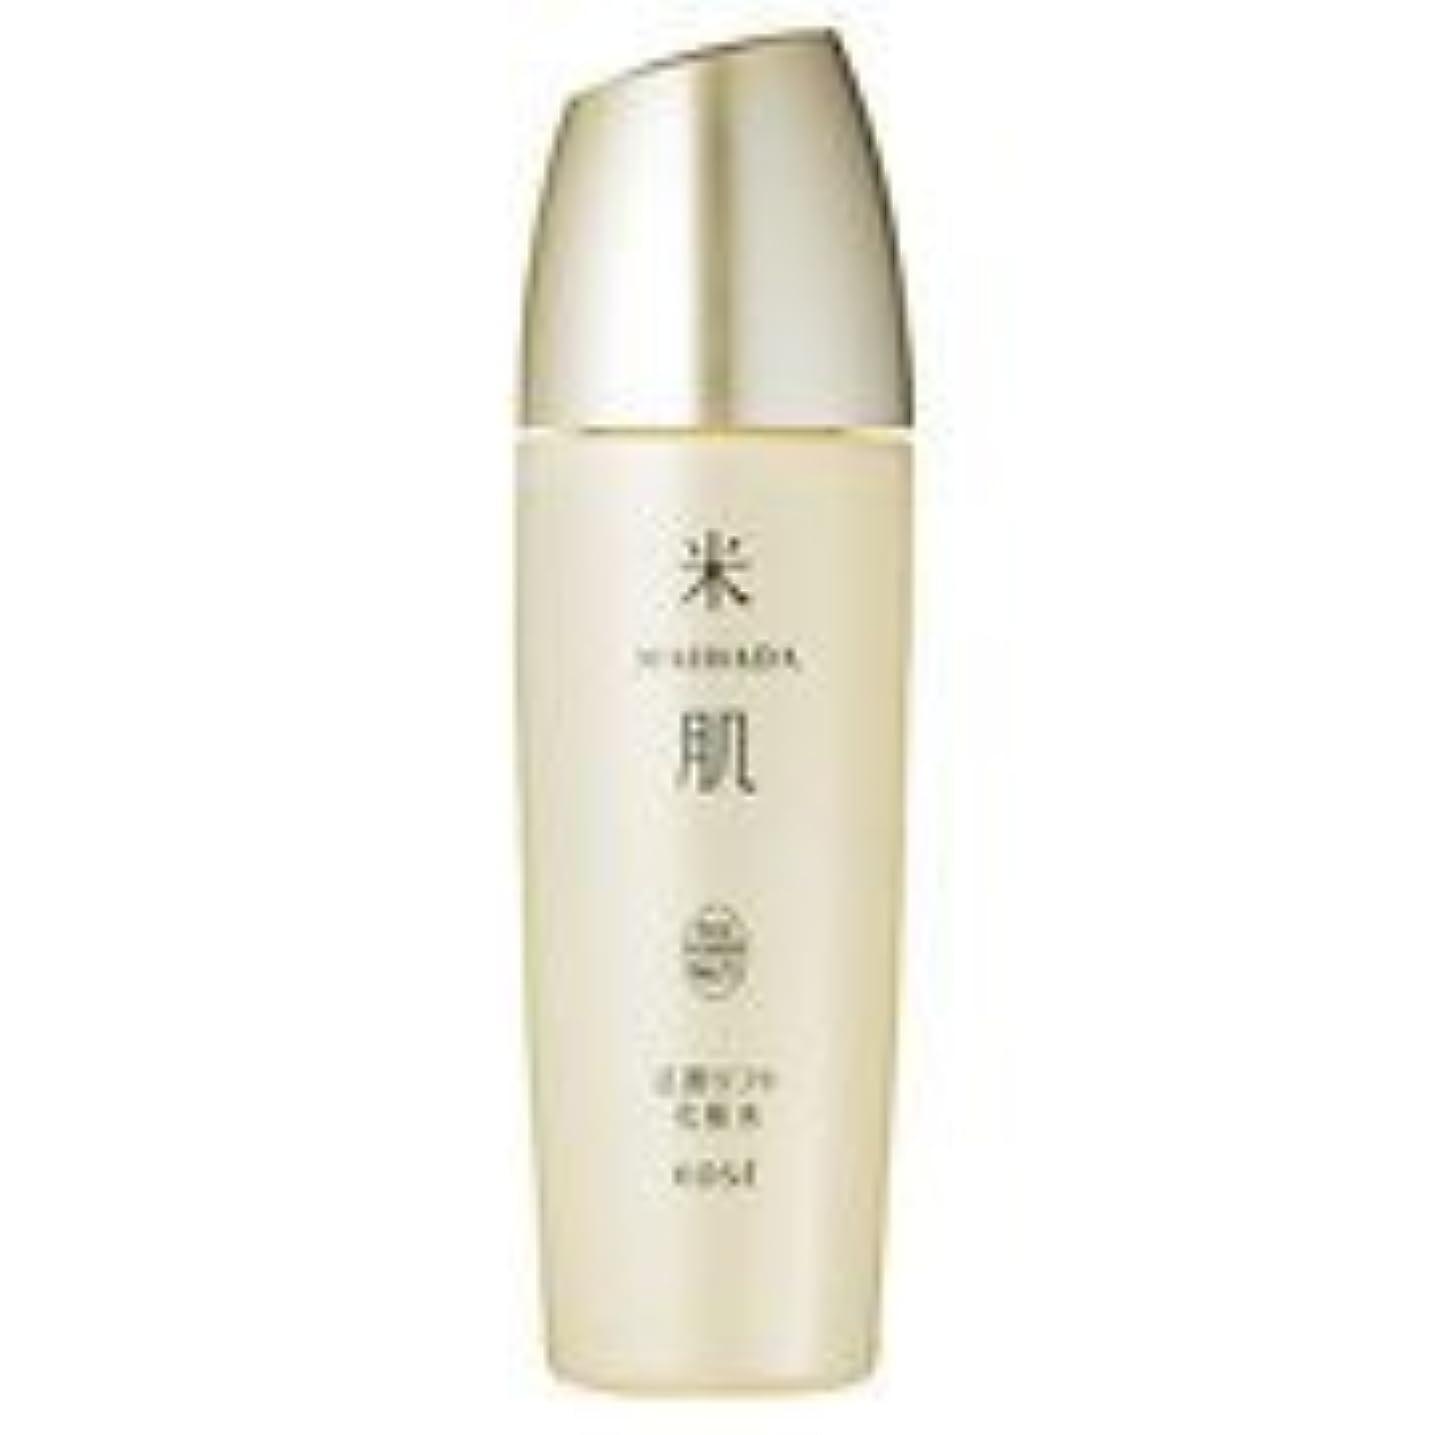 周辺ふくろう社交的米肌(MAIHADA) 活潤リフト 化粧水 120ml